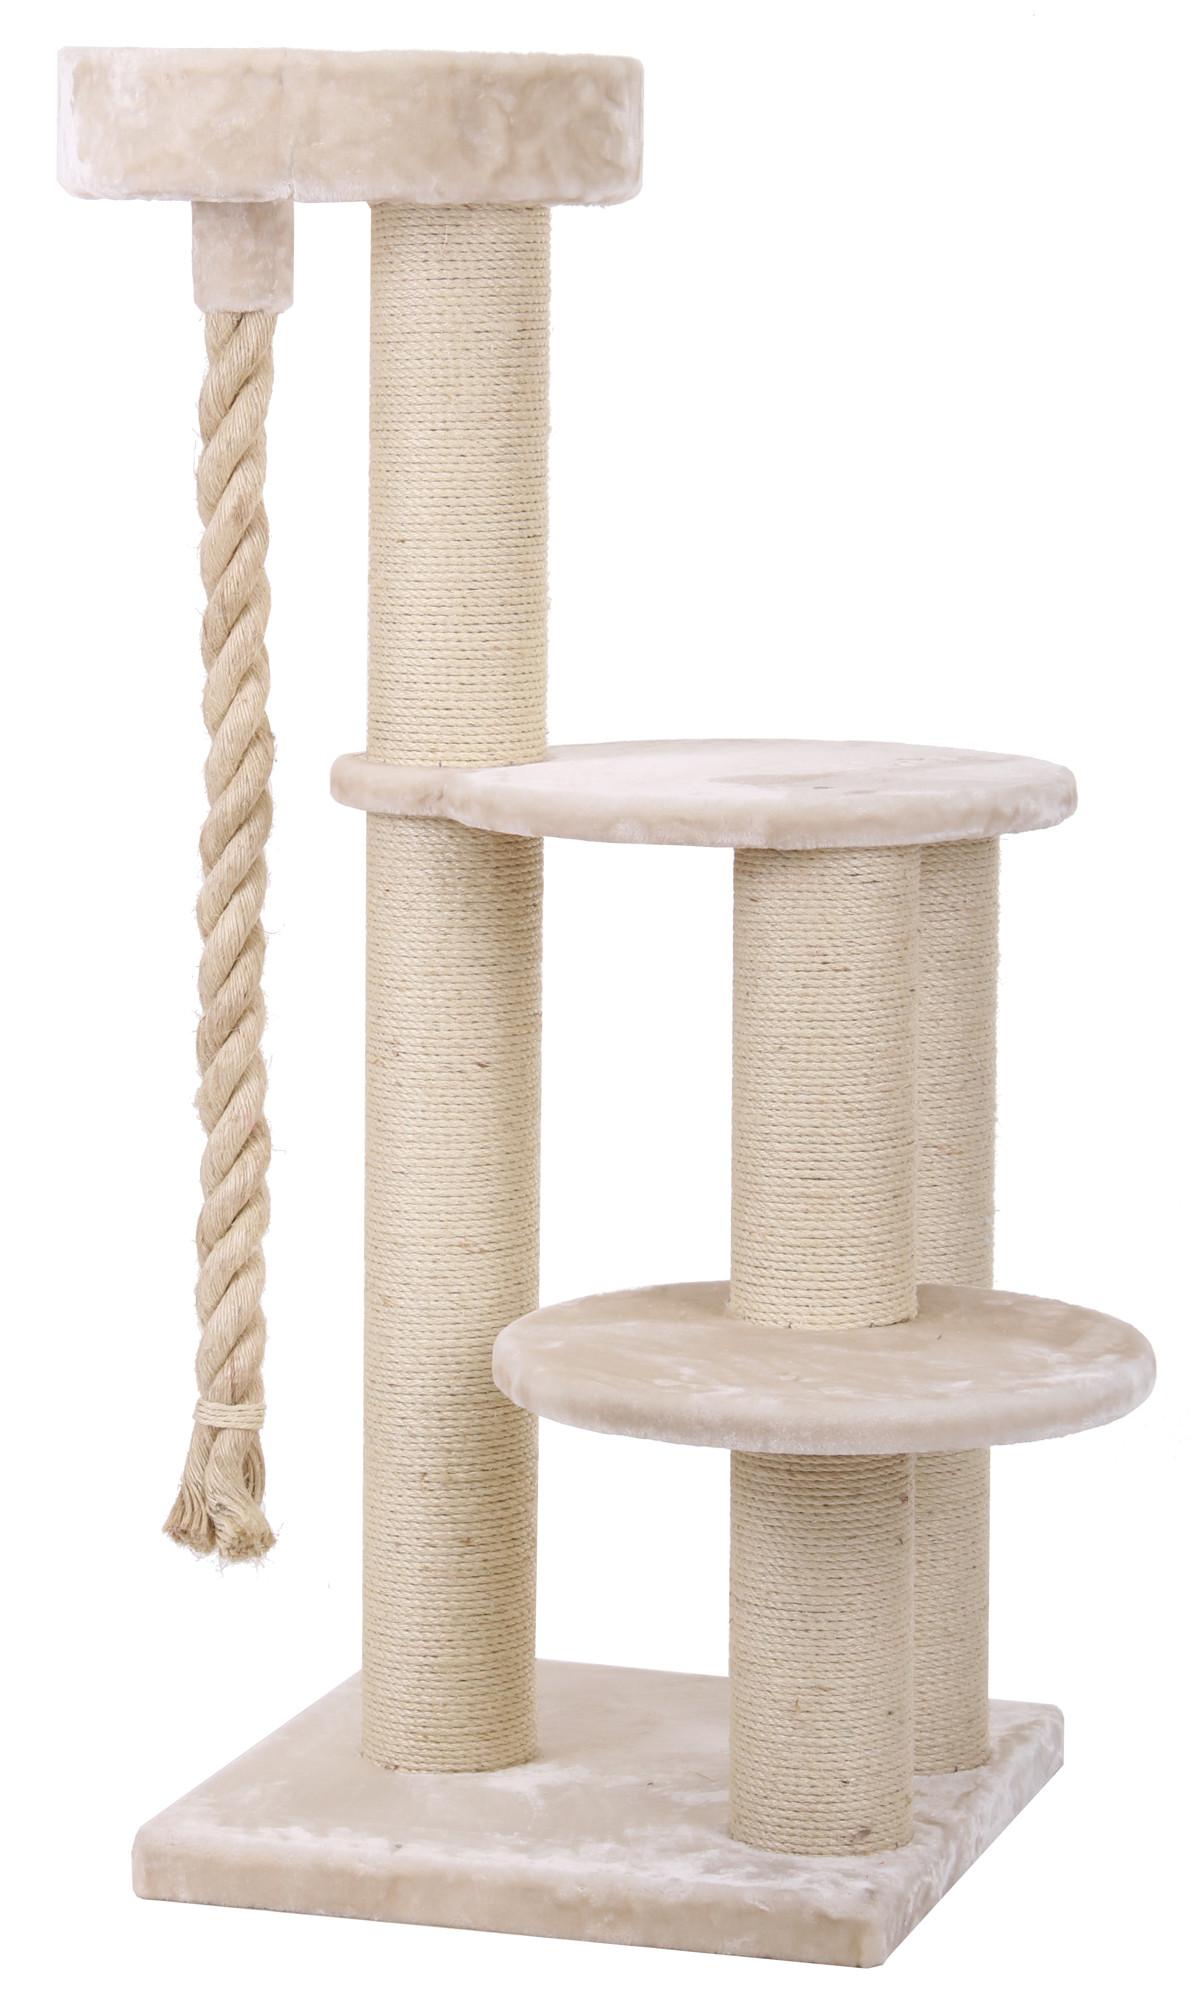 xxl kratzbaum maine coon 4 beige speziell f r gro e und schwere katzen ebay. Black Bedroom Furniture Sets. Home Design Ideas